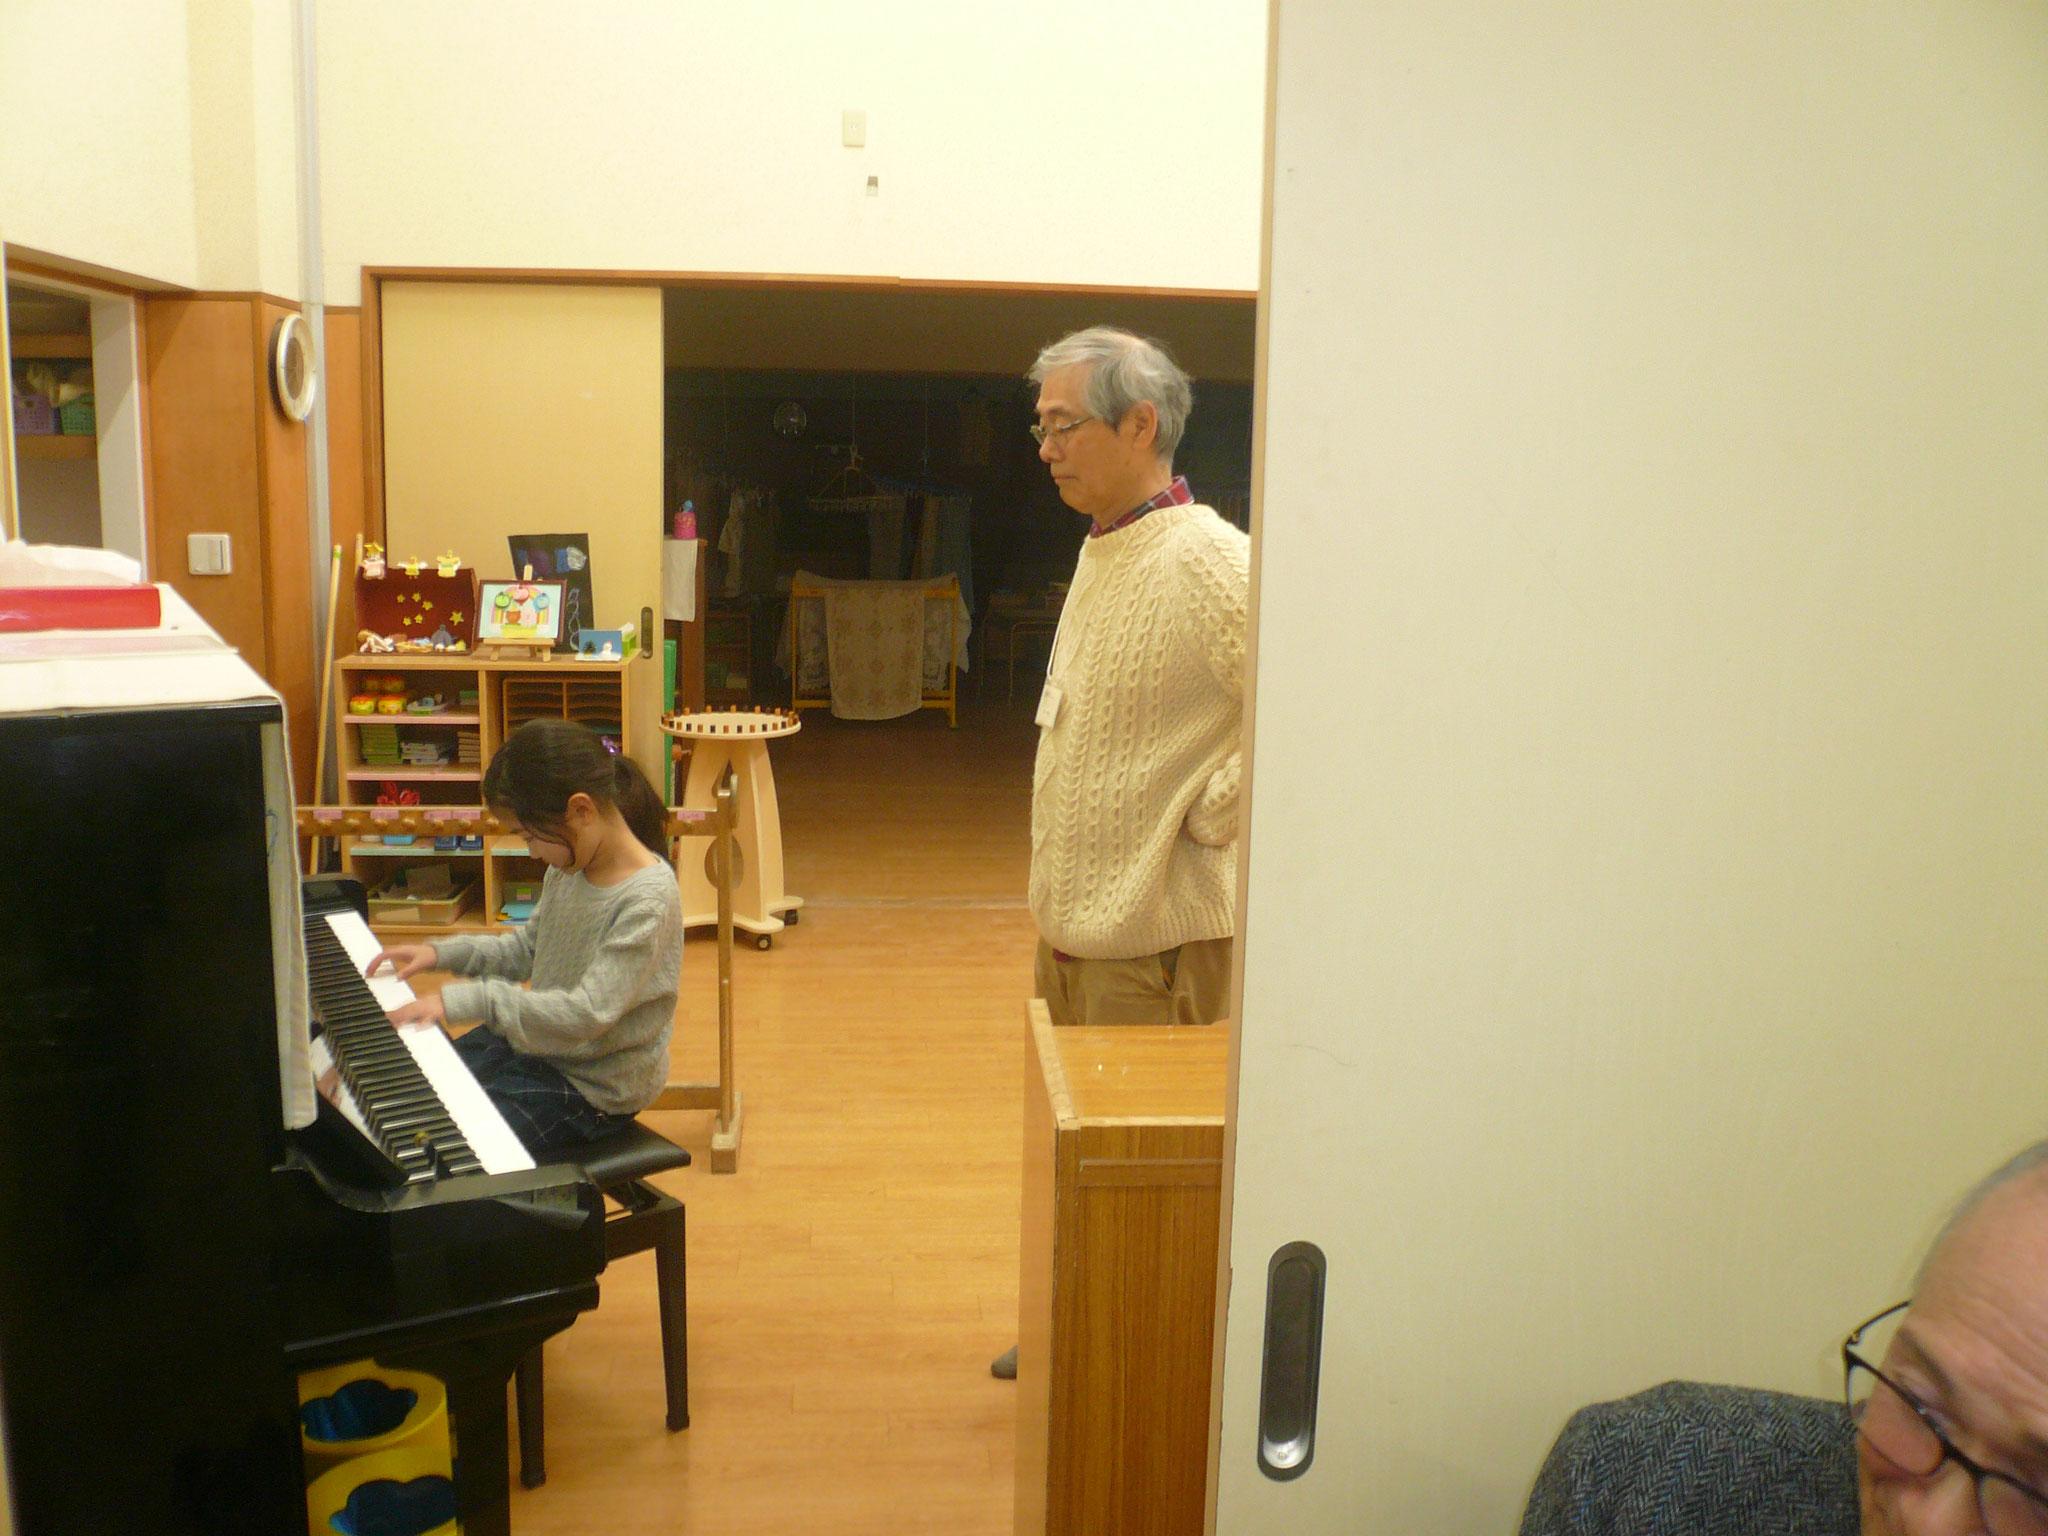 渡辺さん心配げに見守りながらのお孫さんは上手にピアノ